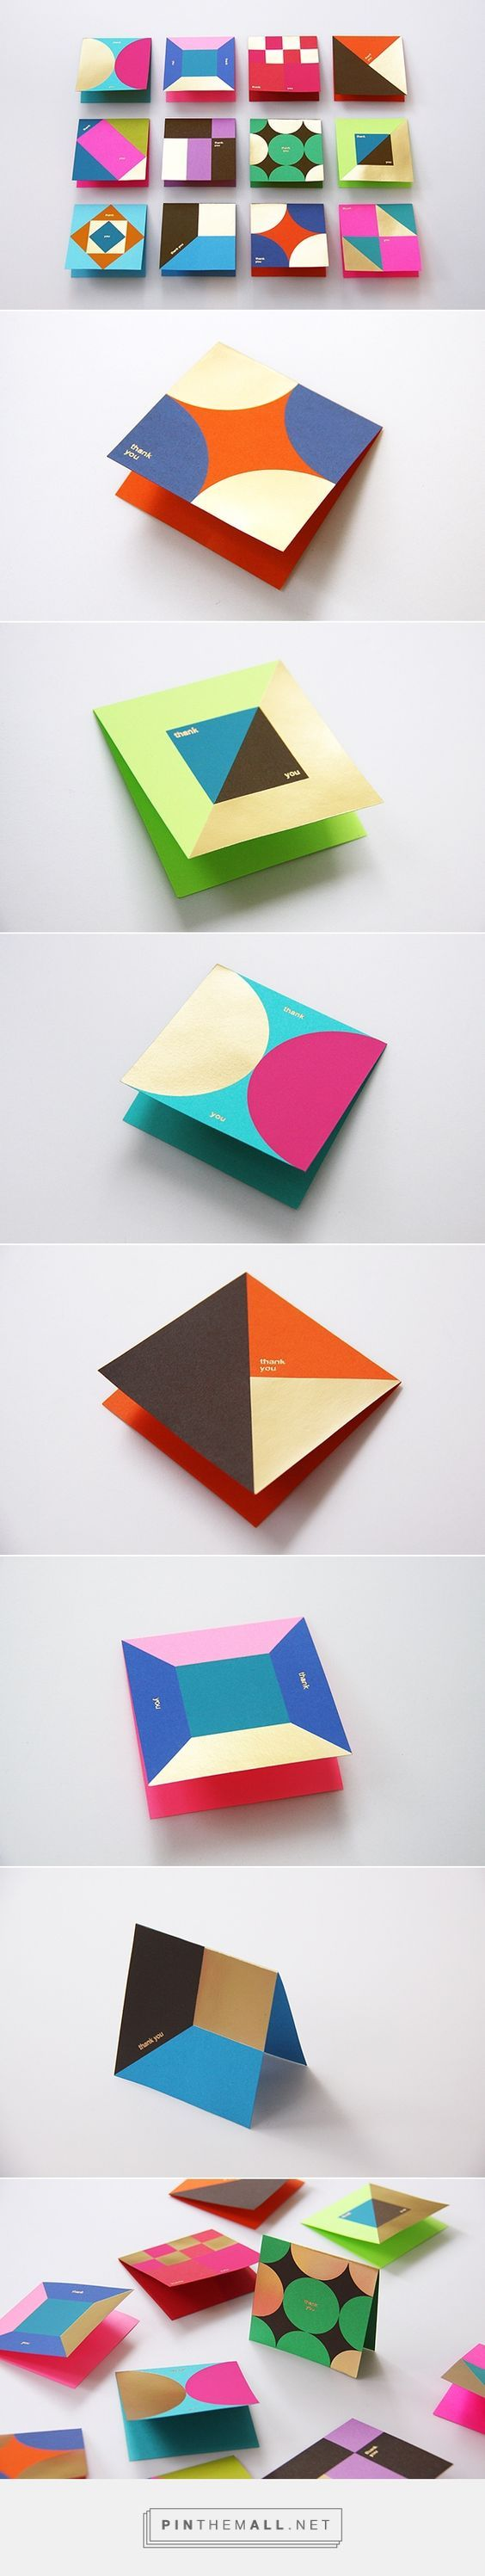 색감들이 톡톡 튀는 색인데 너무 부조화 스럽지 않고 조화로워 색상을 참고하기 좋을 것 같고 디자인 요소듀 활용하여 패턴으로 사용하기 좋을 것…: